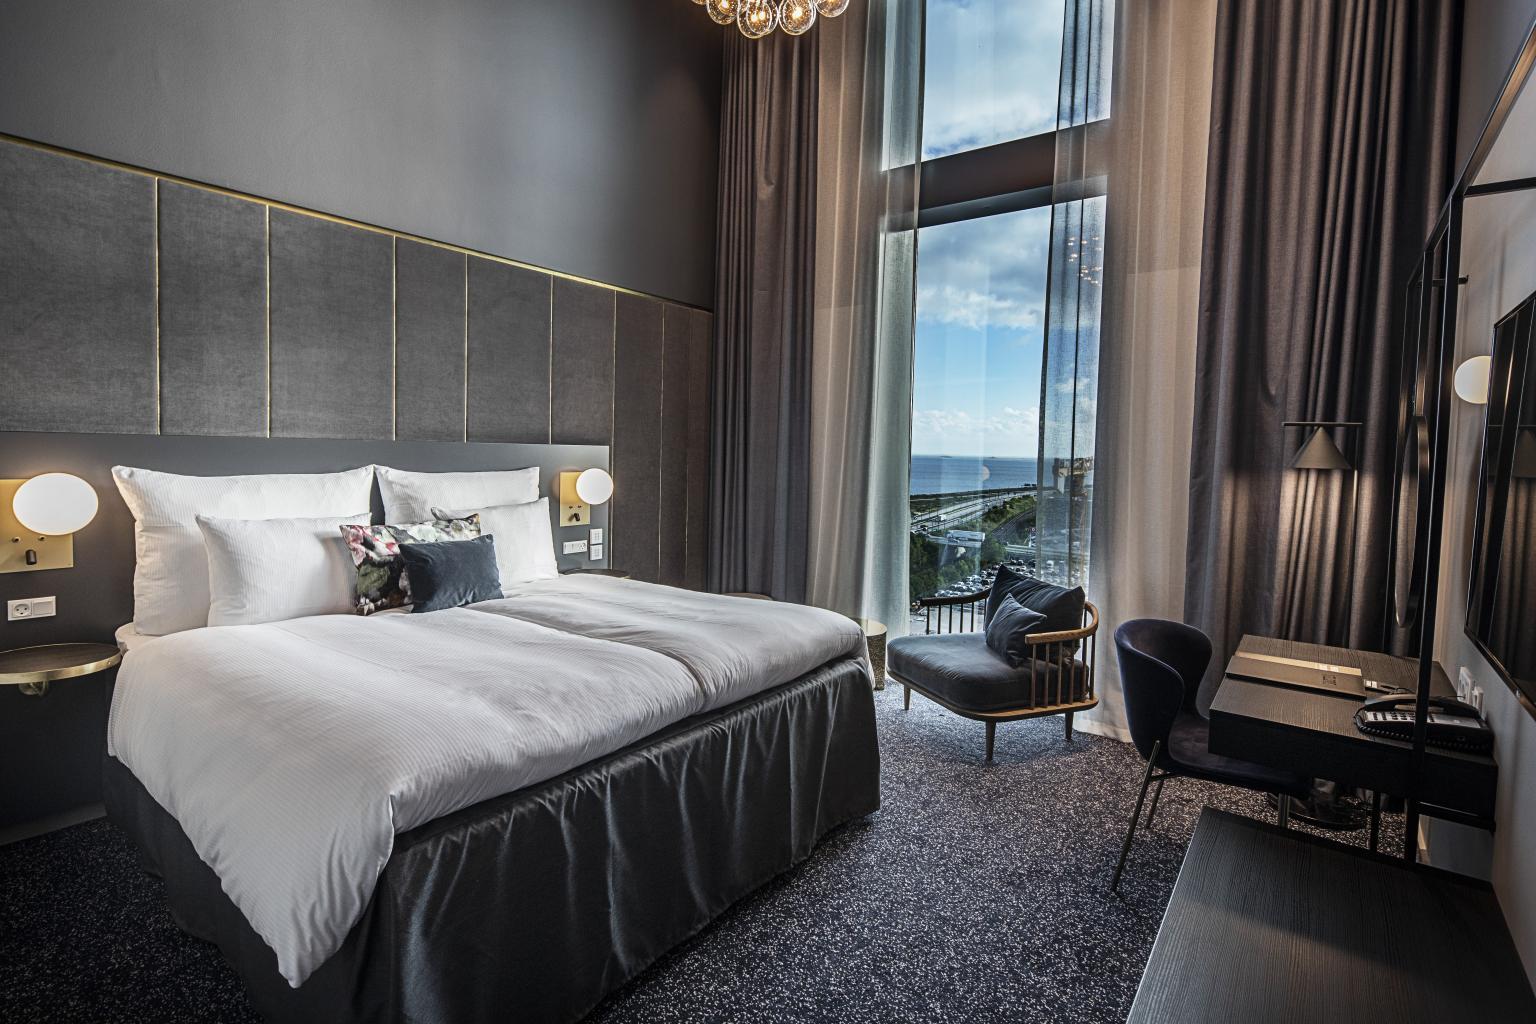 Det danske hotelerhverv havde også en katastrofemåned i november sidste år, viser nye tal fra Danmarks Statistik. Arkivpressefoto.